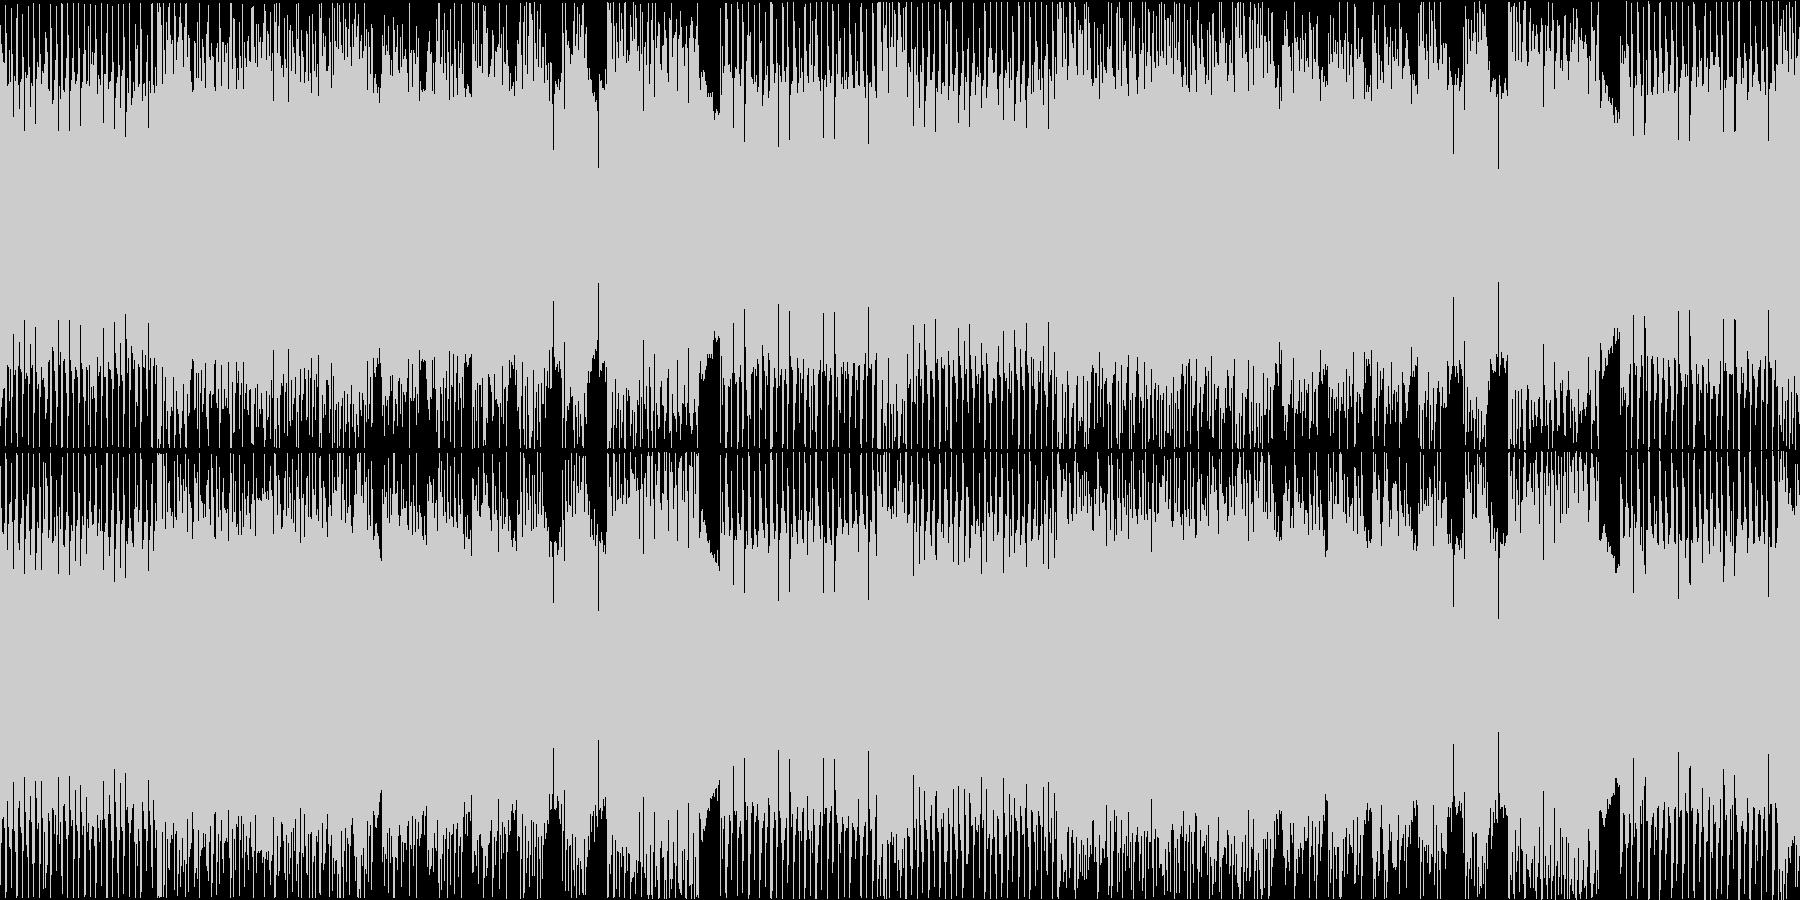 ハイテンポで攻撃的なメタルインストループの未再生の波形